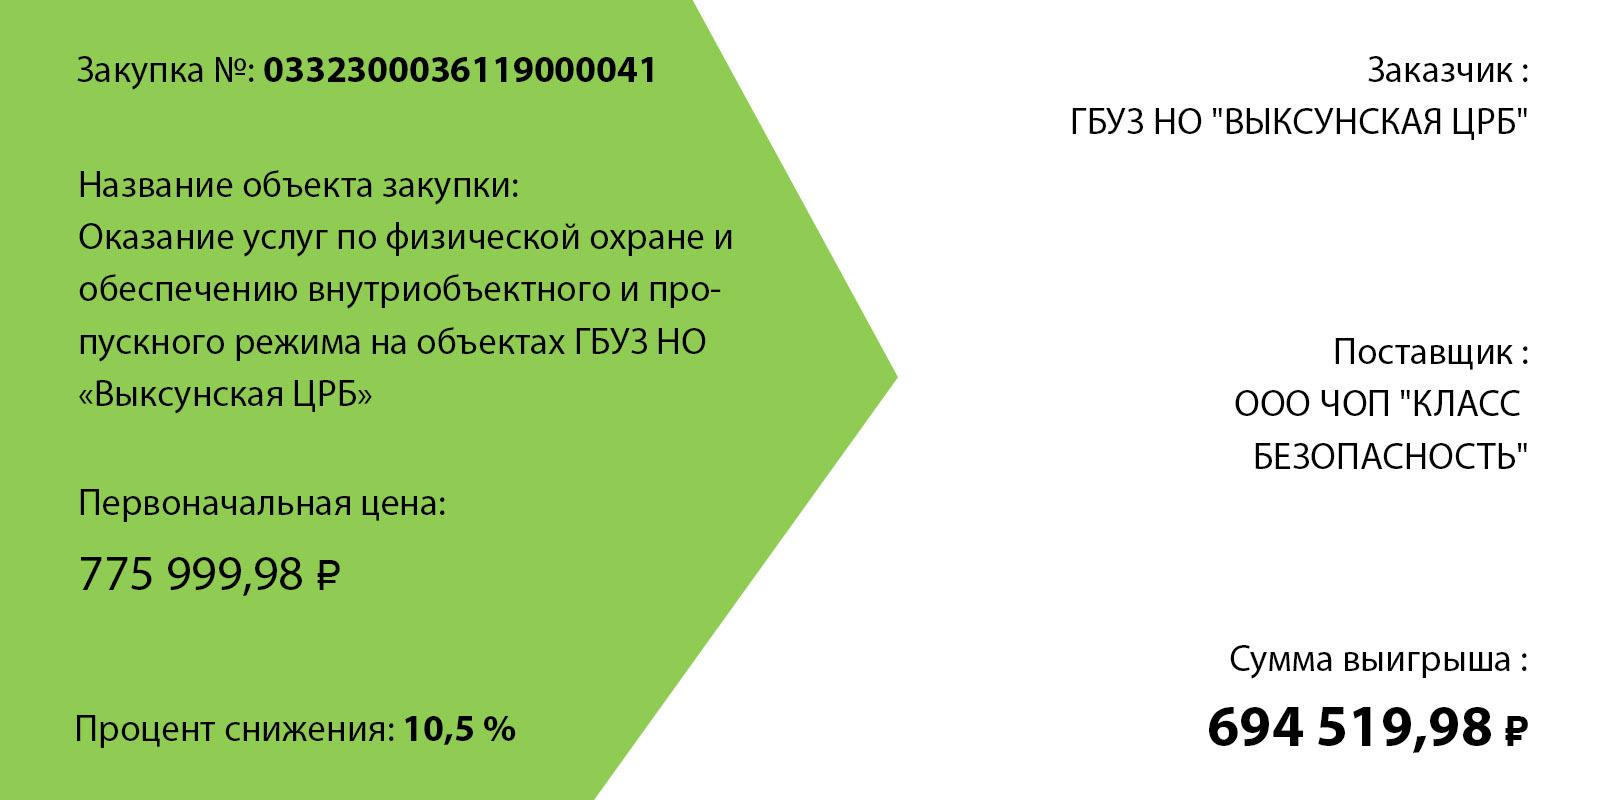 Тендерное сопровождение, выигранная закупка на сумму 694519,98